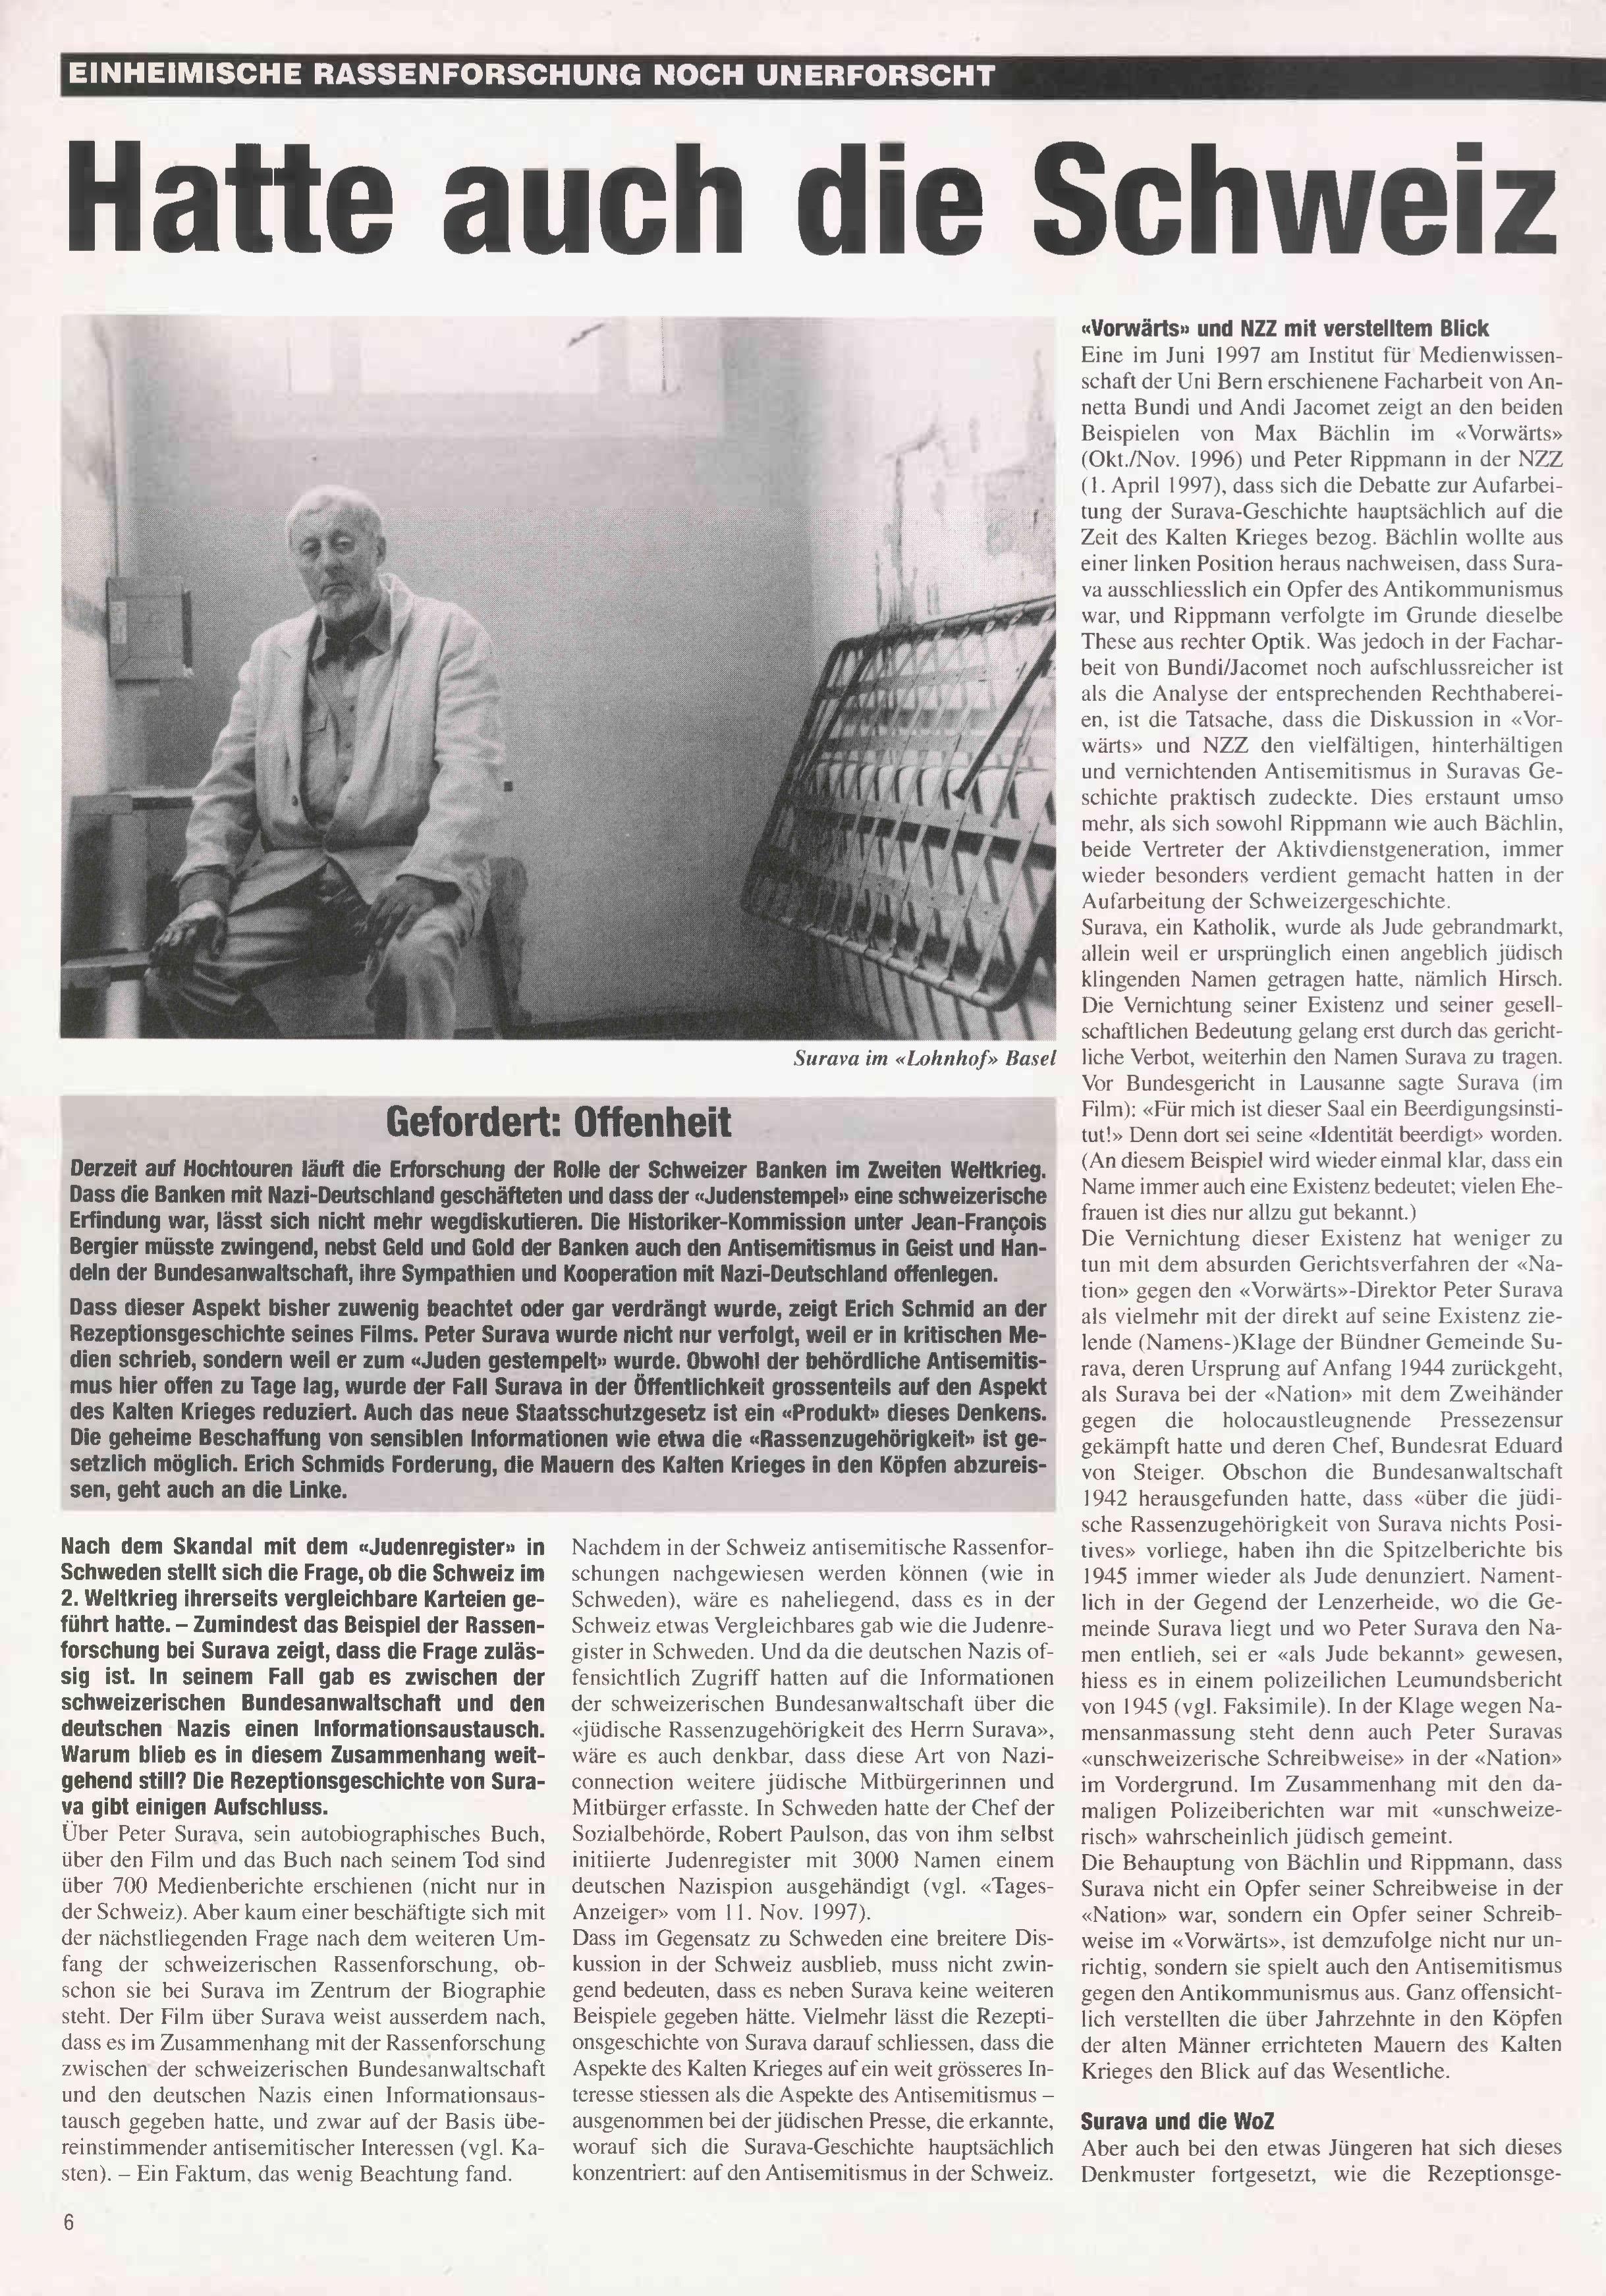 FICHEN FRITZ NR. 31 - SEITE 6